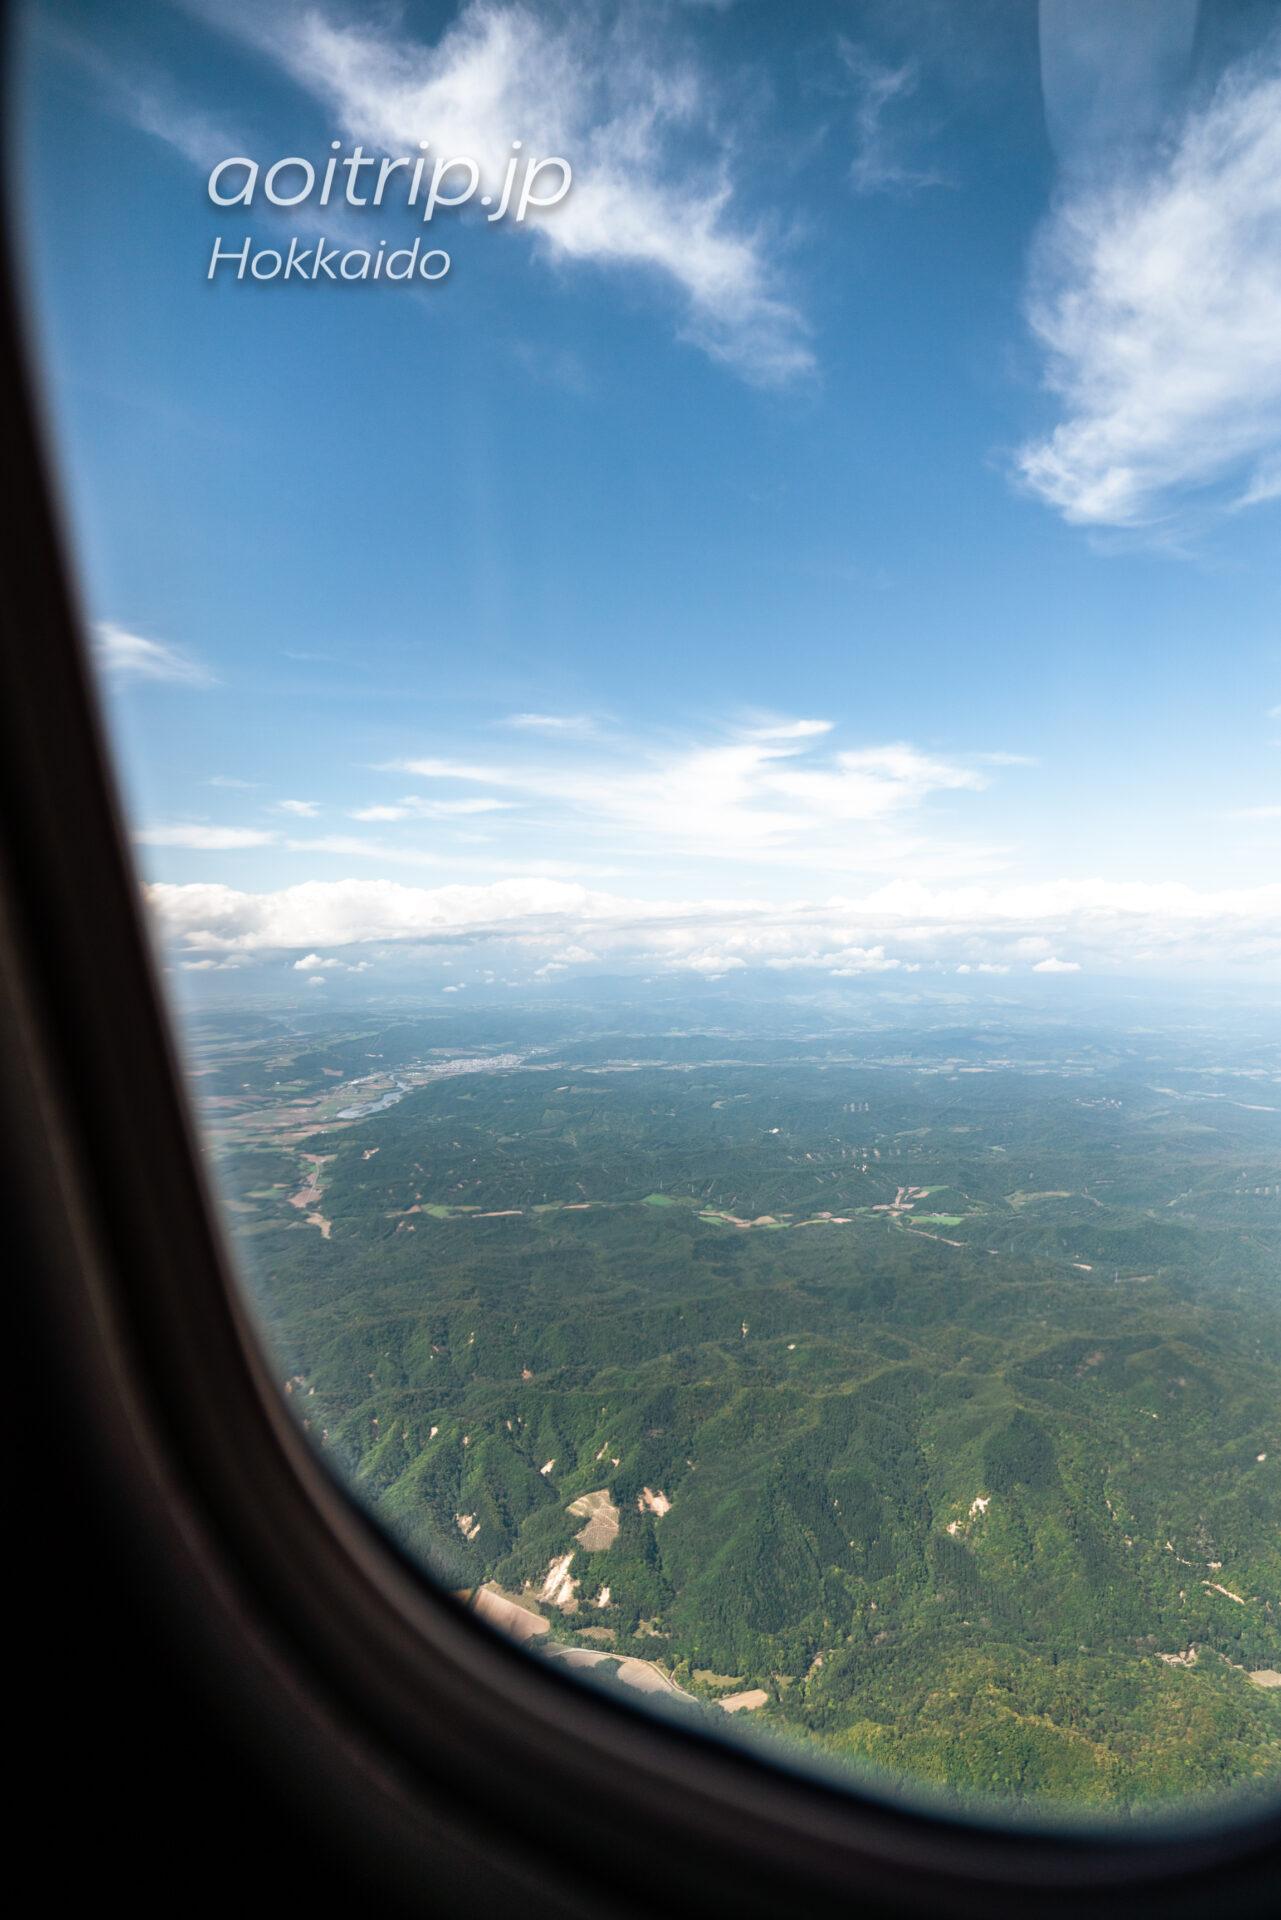 北海道の航空写真 飛行機の窓から 9月 下足寄湖と足寄町